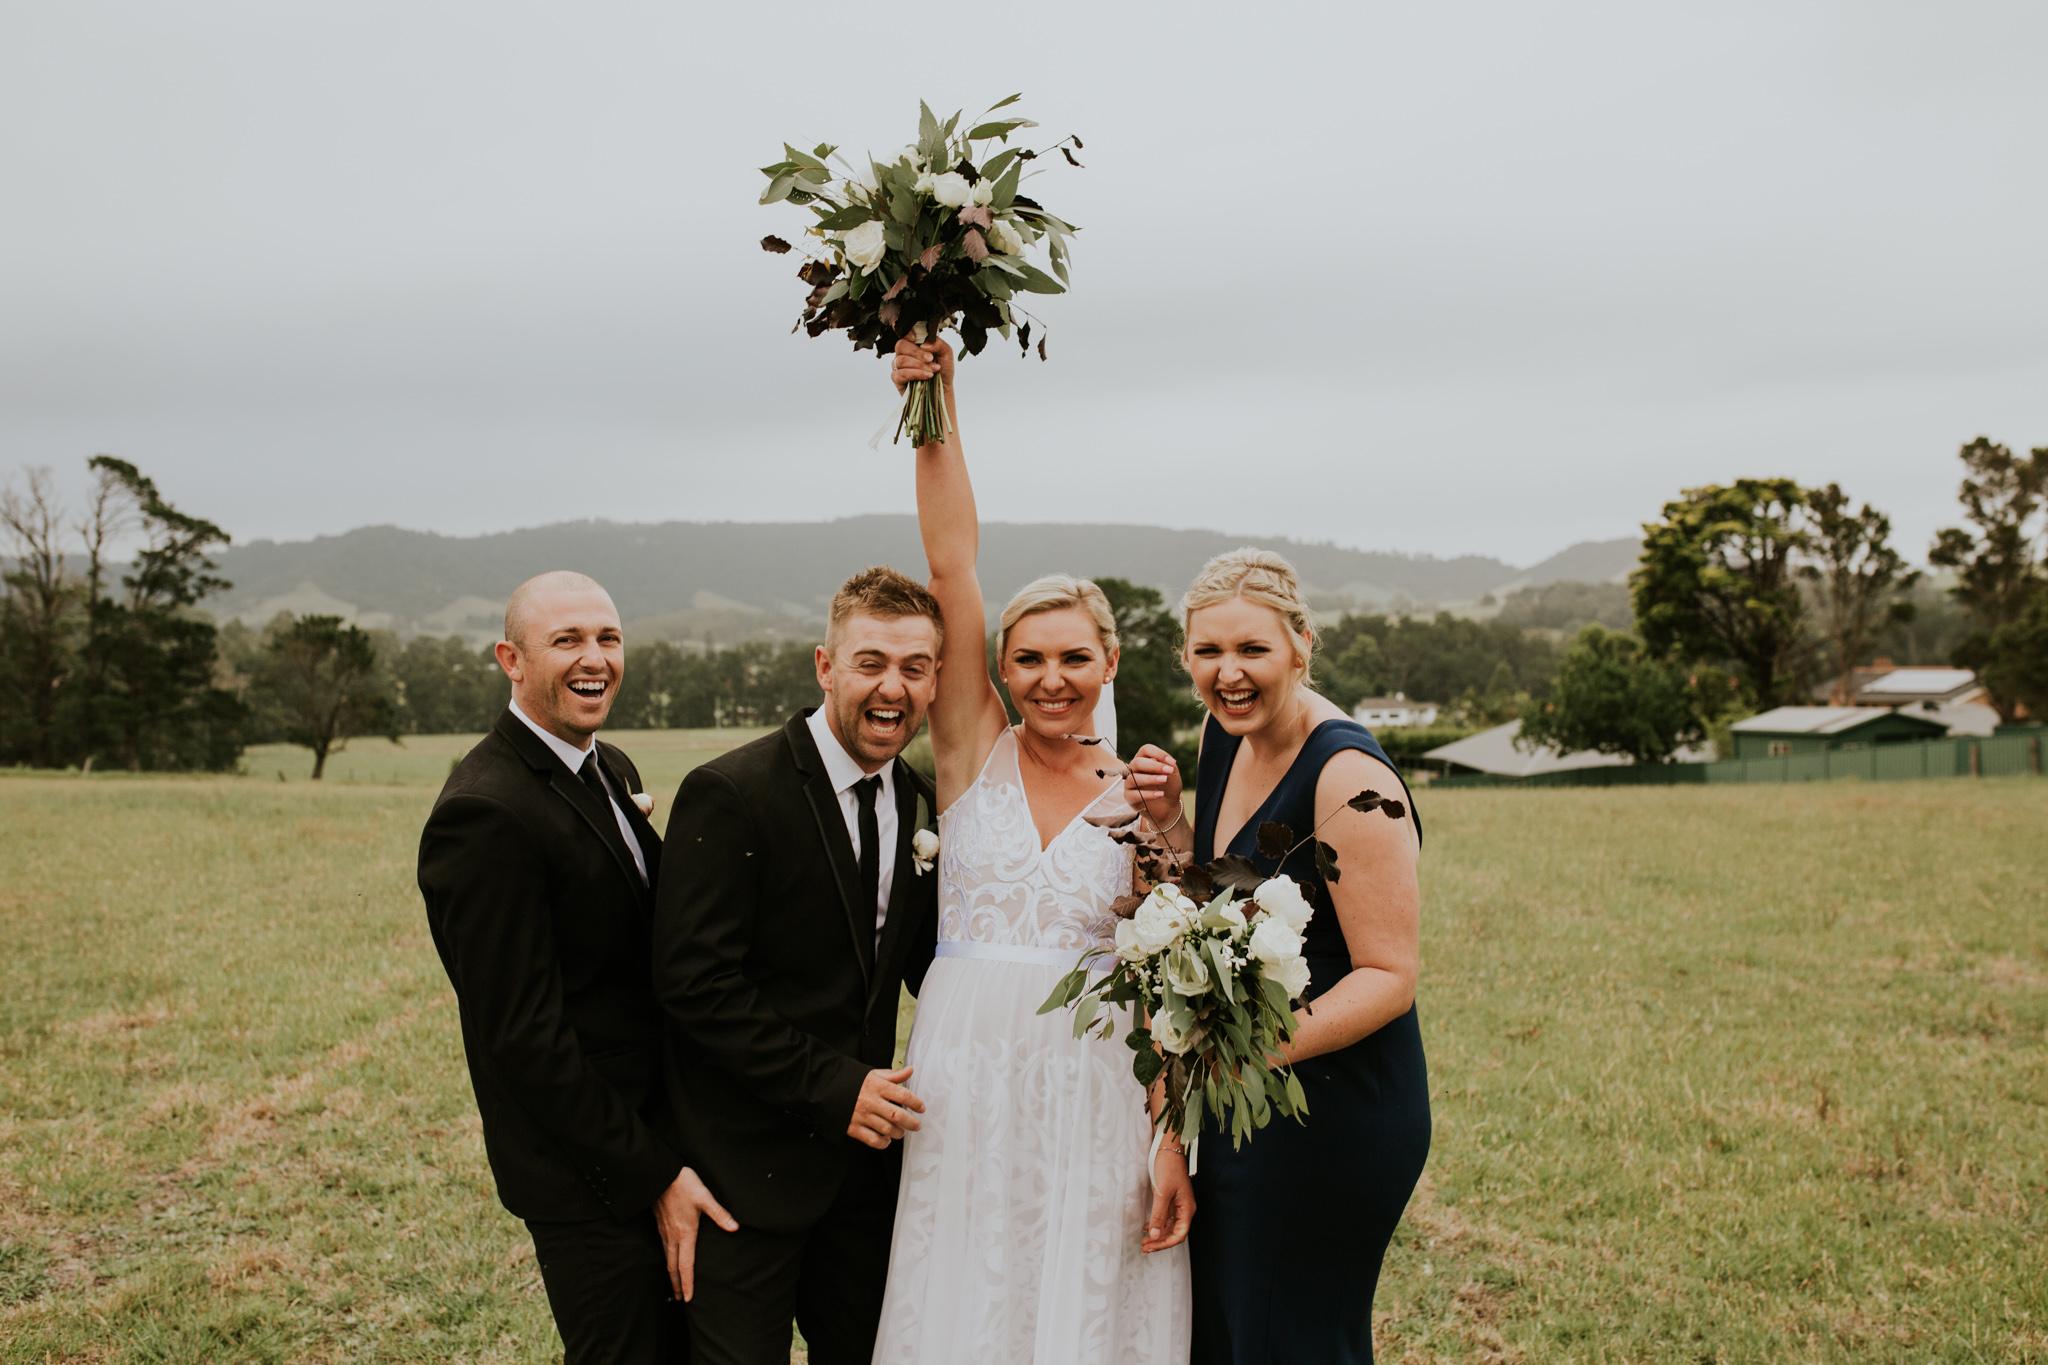 Lucy+Kyle+Kiama+Sebel+wedding-101.jpg